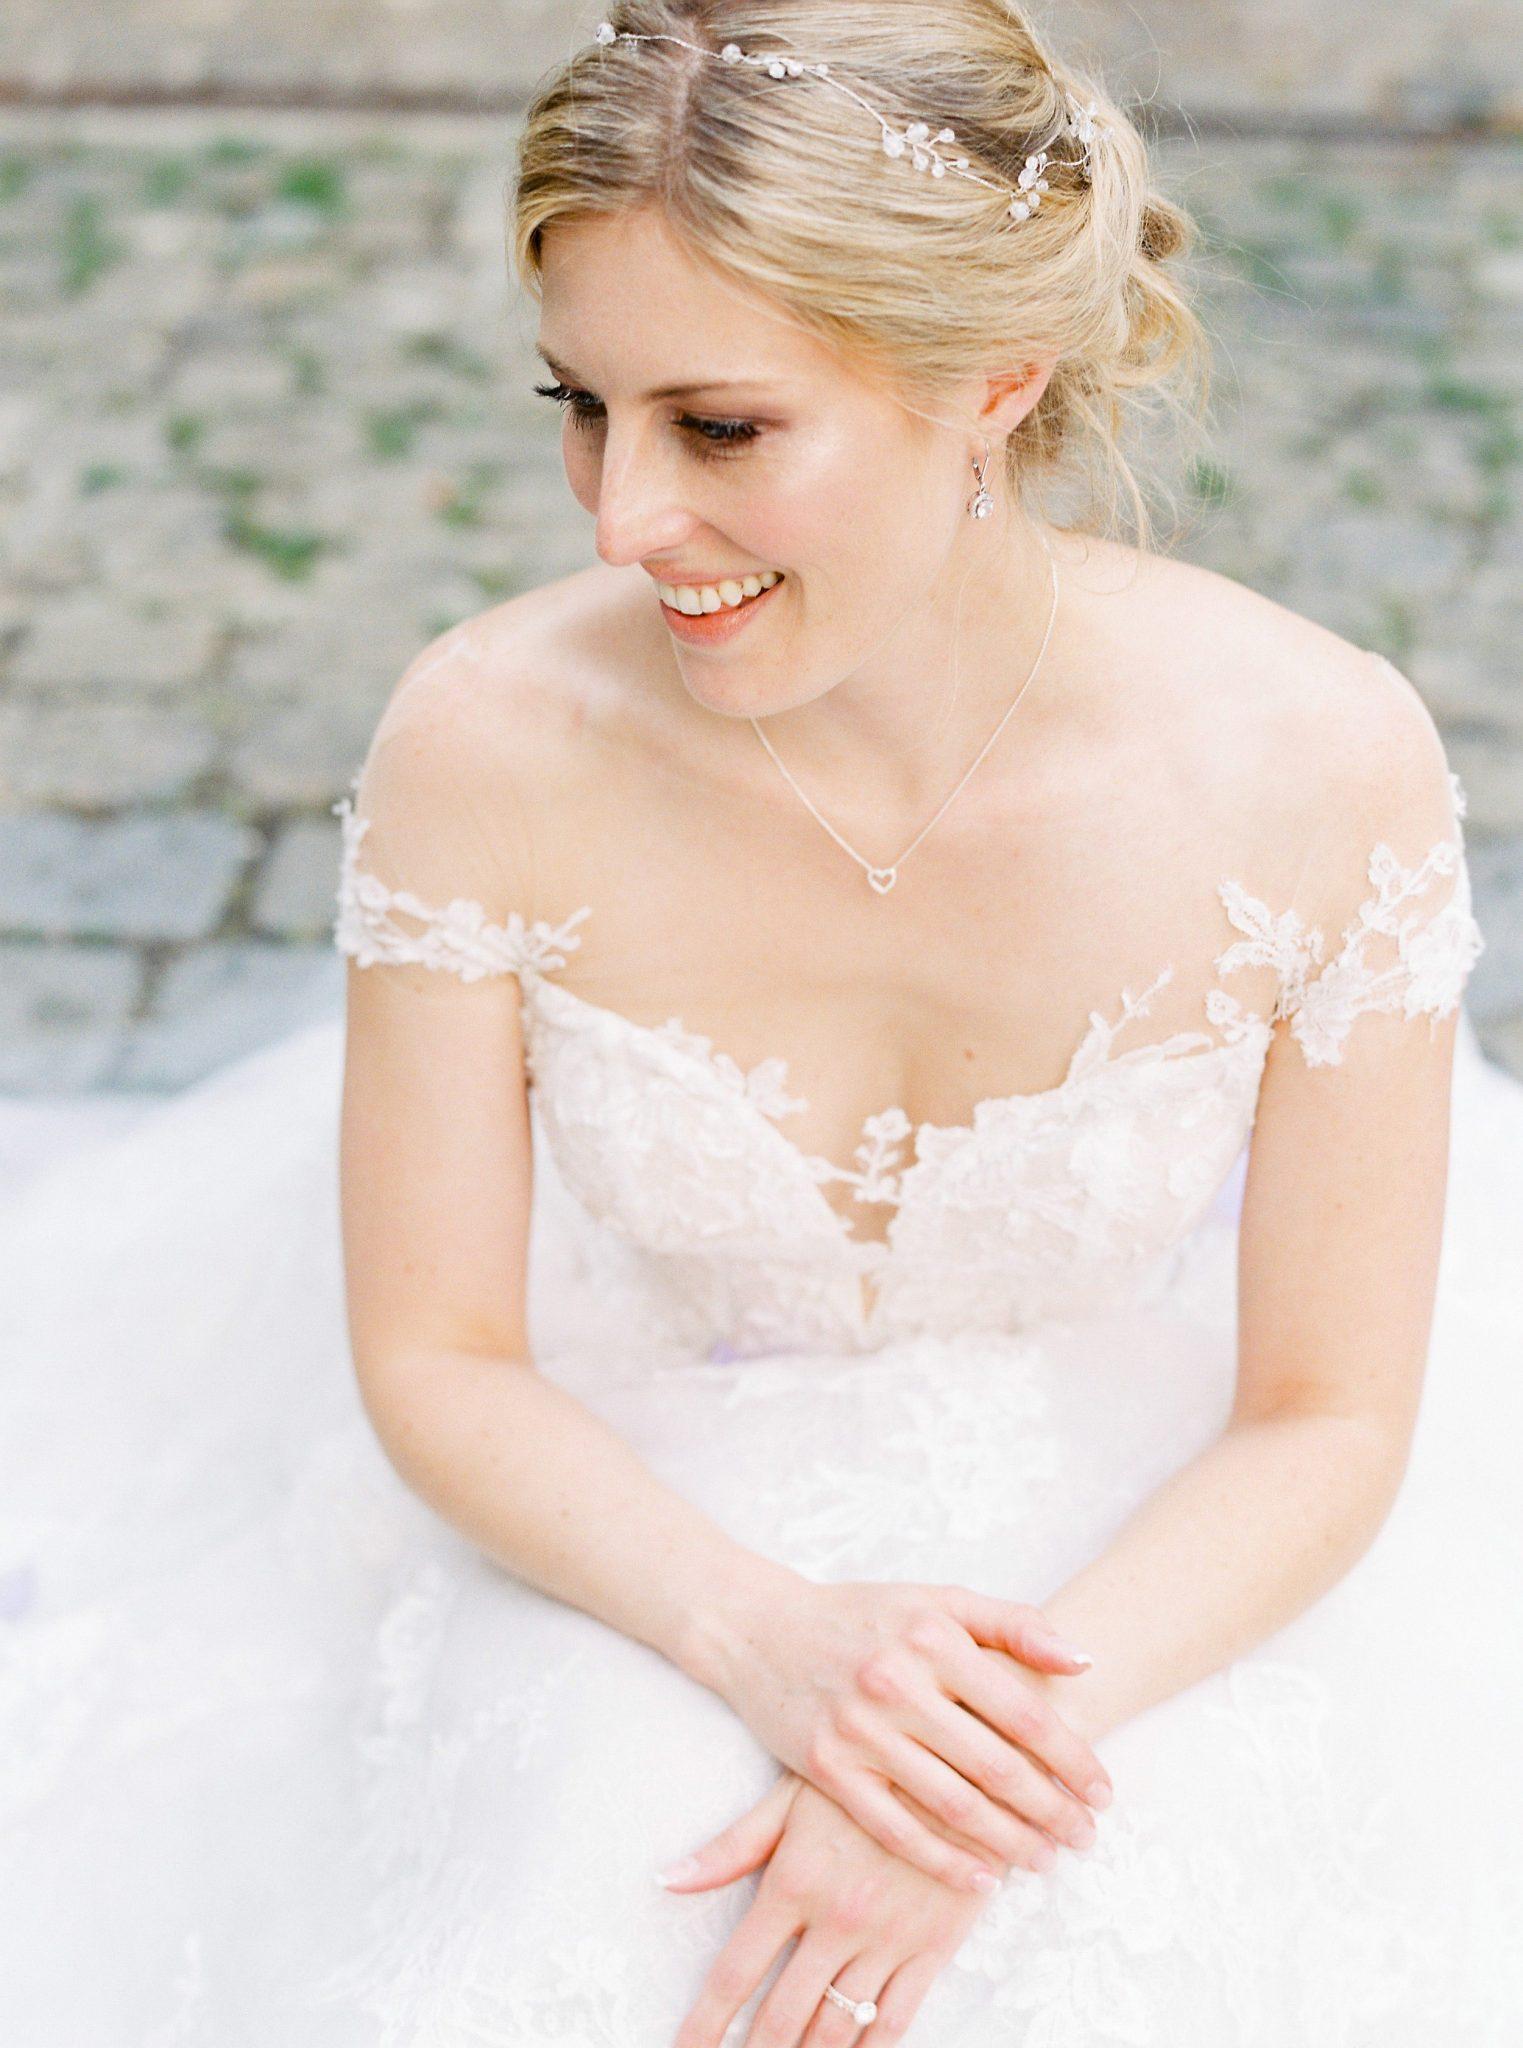 Foto: Birgit Hart Hochzeit Styling Haare Make-up Munich wedding hair makeup hochzeitshaare